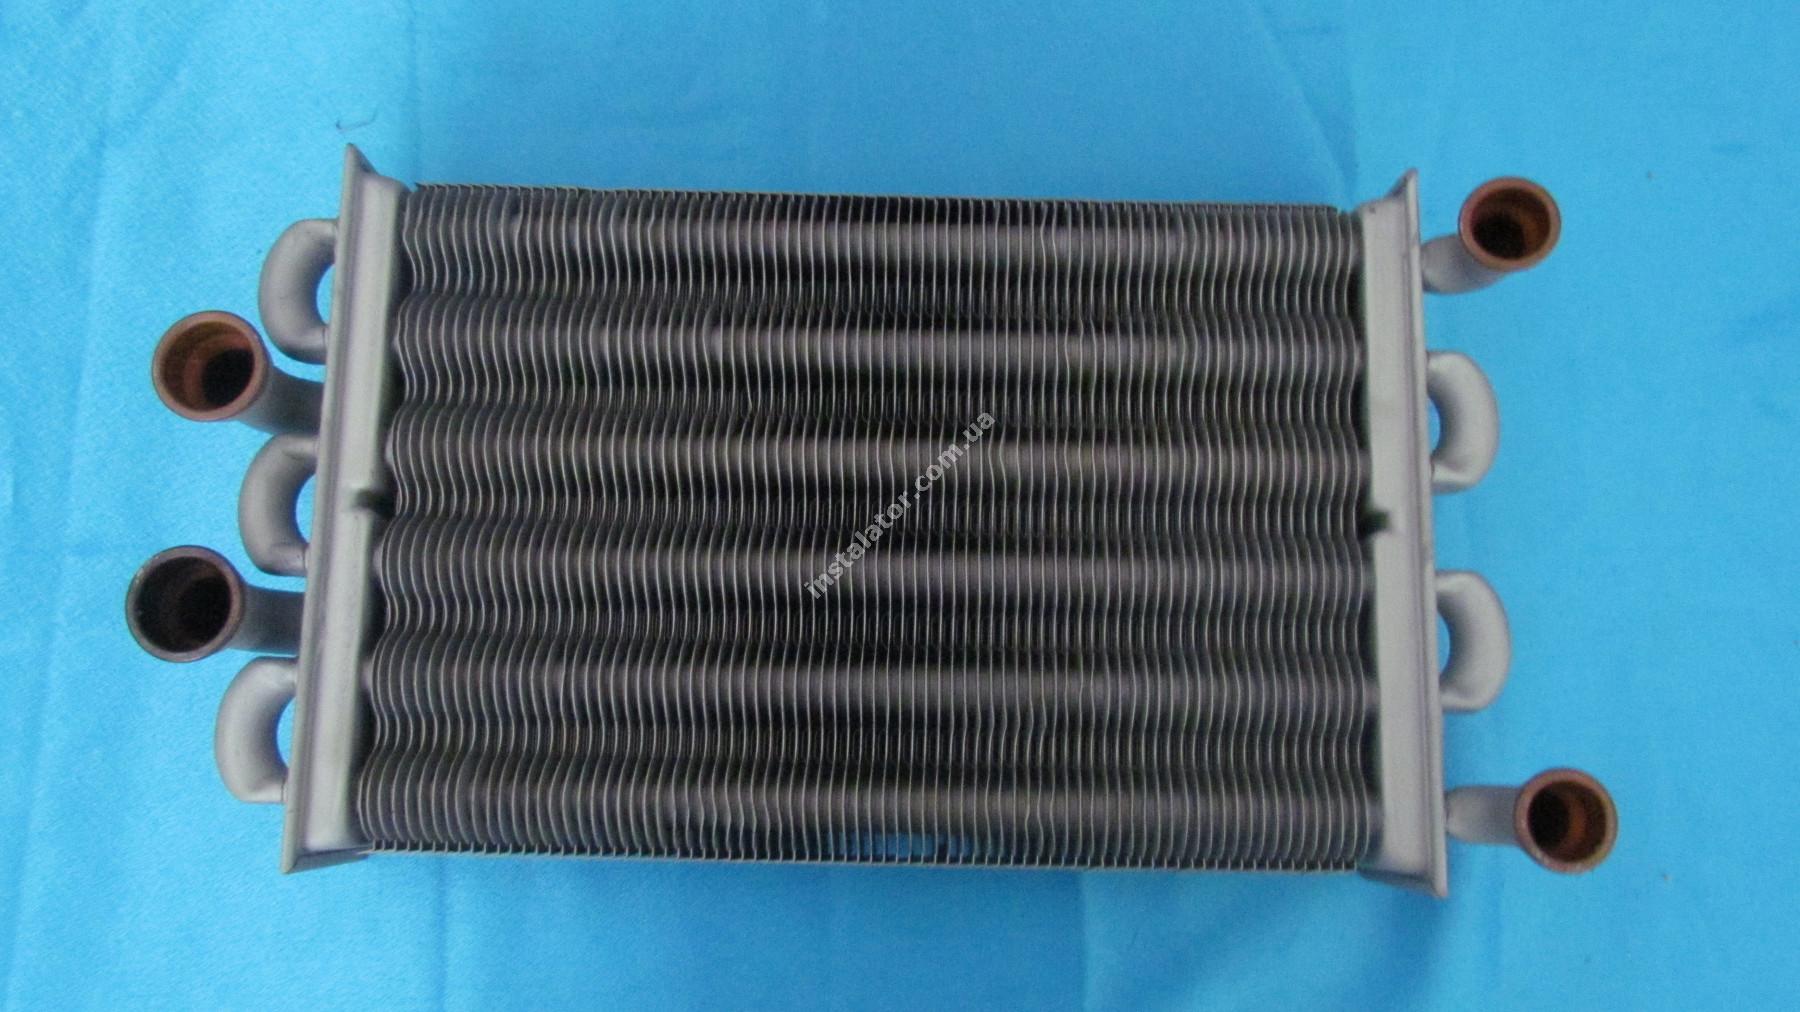 65105094 Теплообмінник бітермічний ARISTON Egis As до 2008р. full-image-3